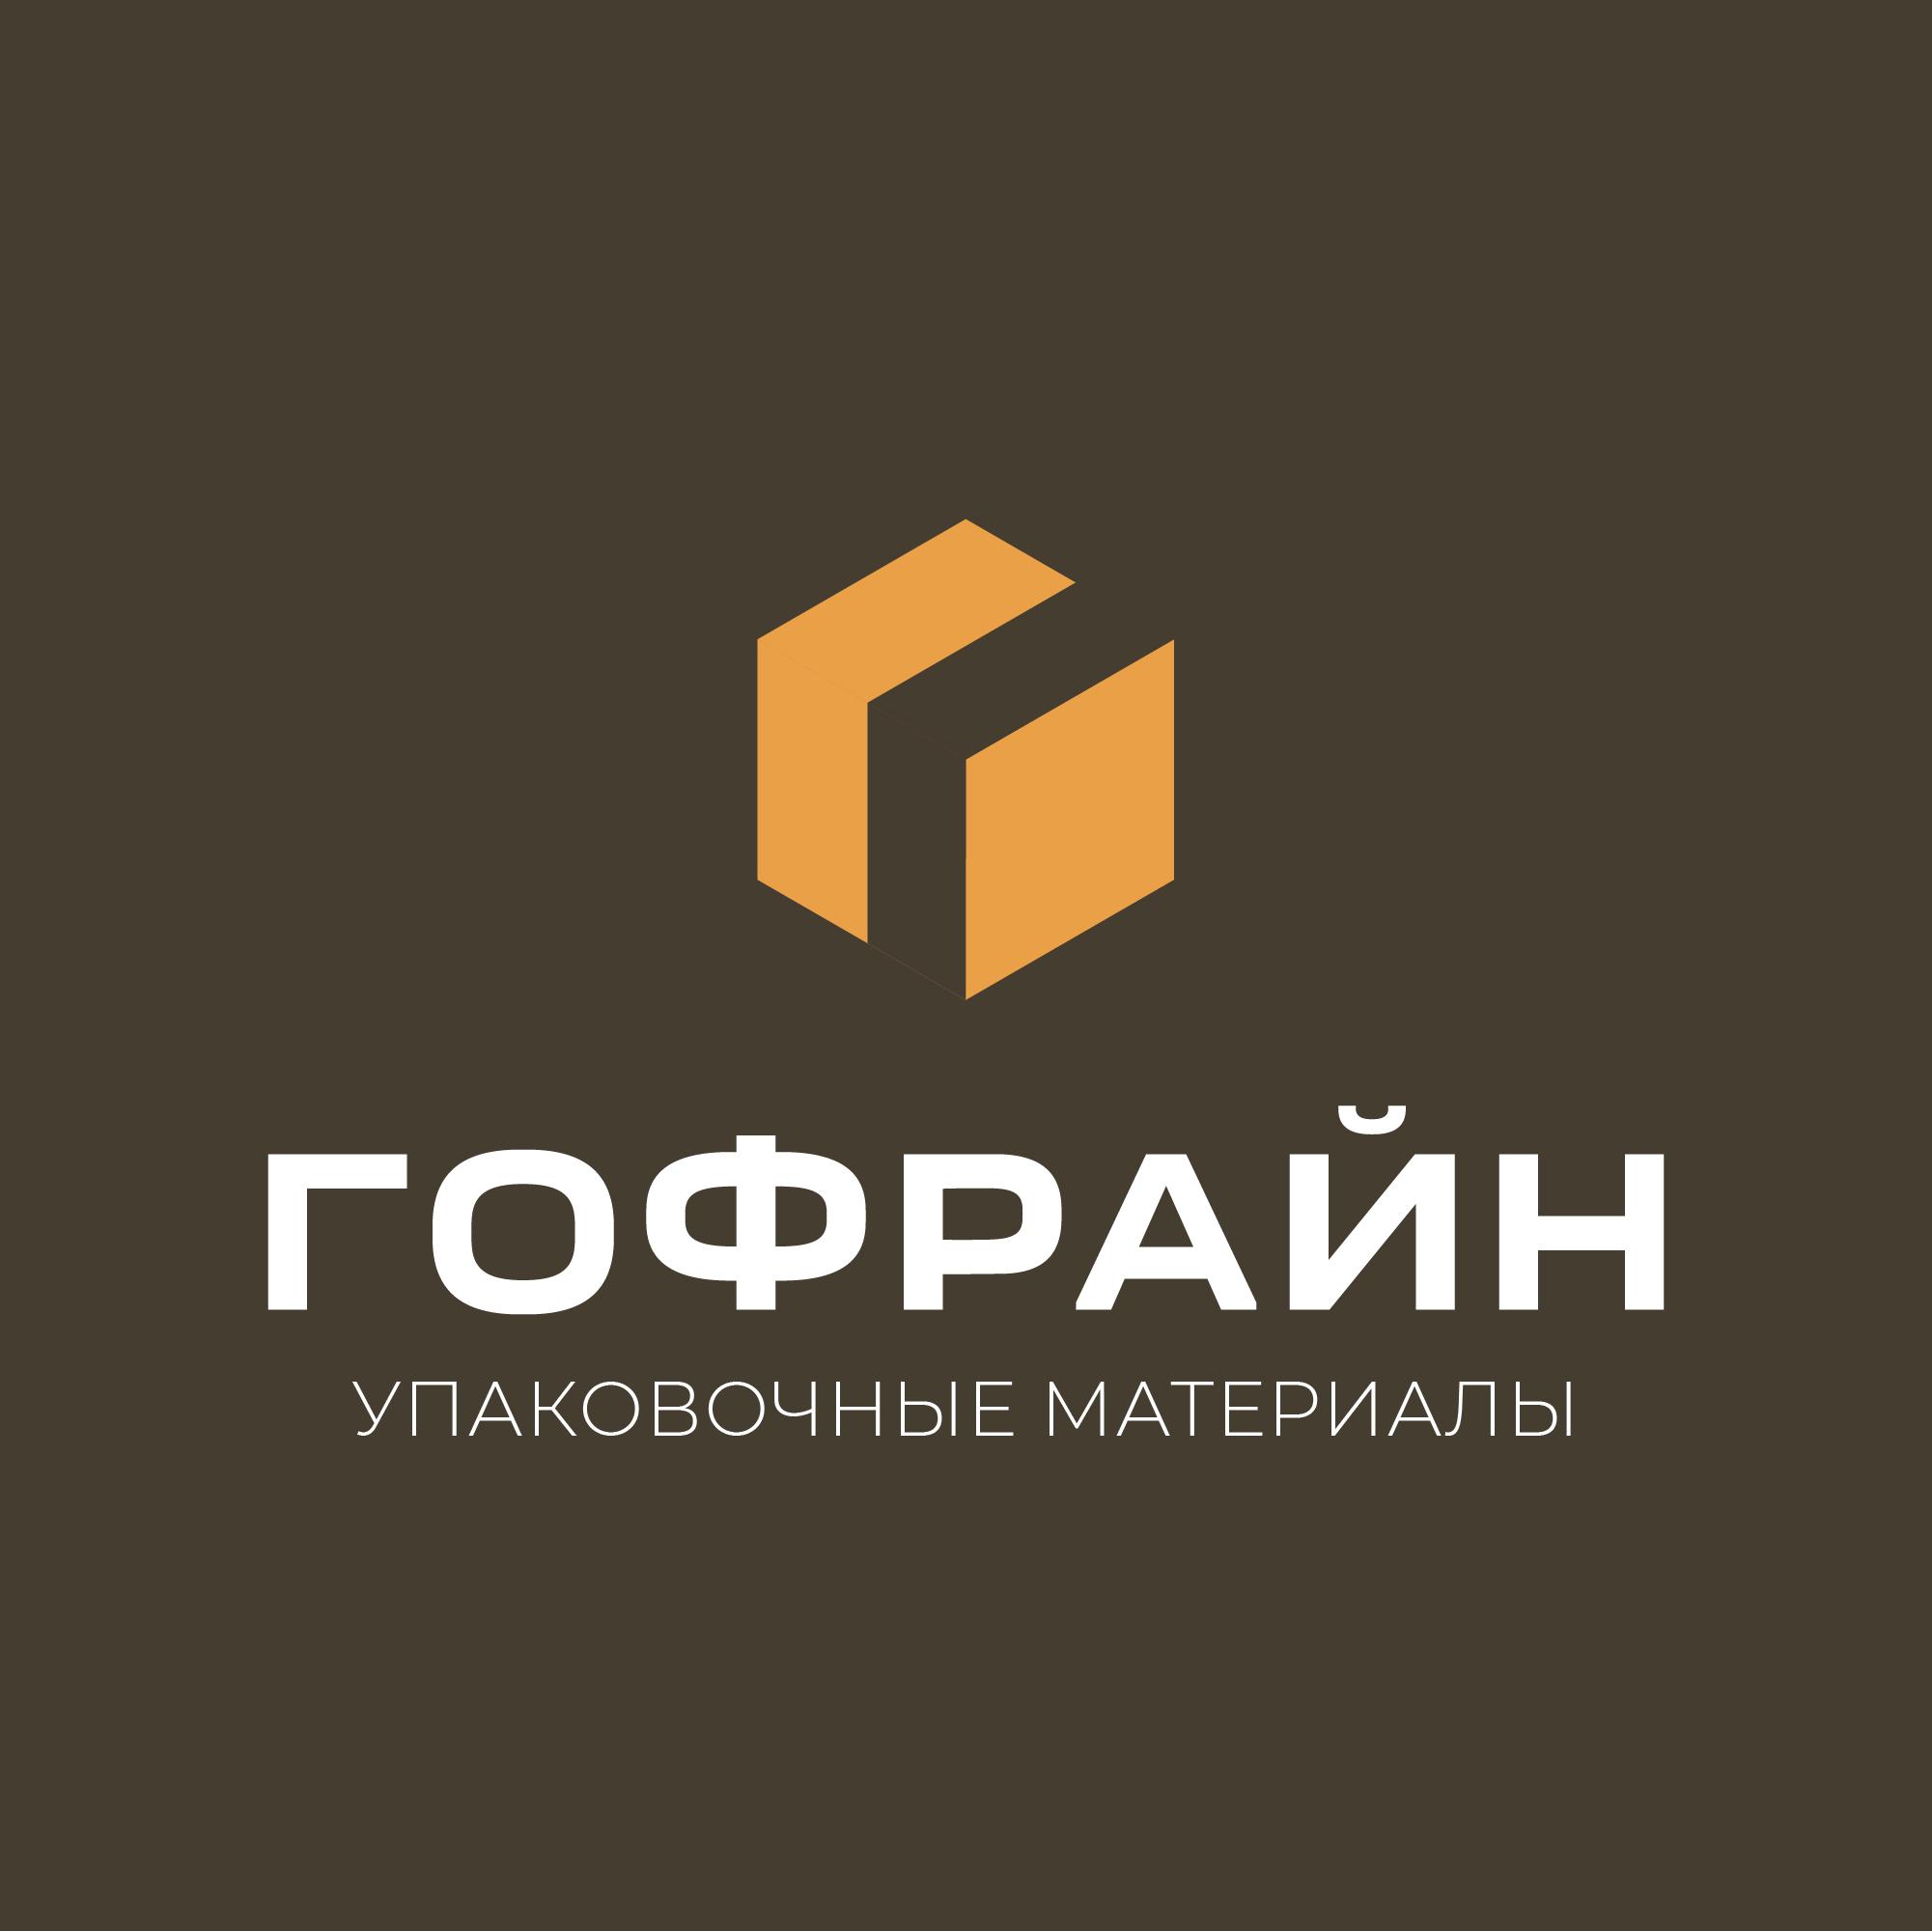 Логотип для компании по реализации упаковки из гофрокартона фото f_1335cdd6ad93d8bf.jpg